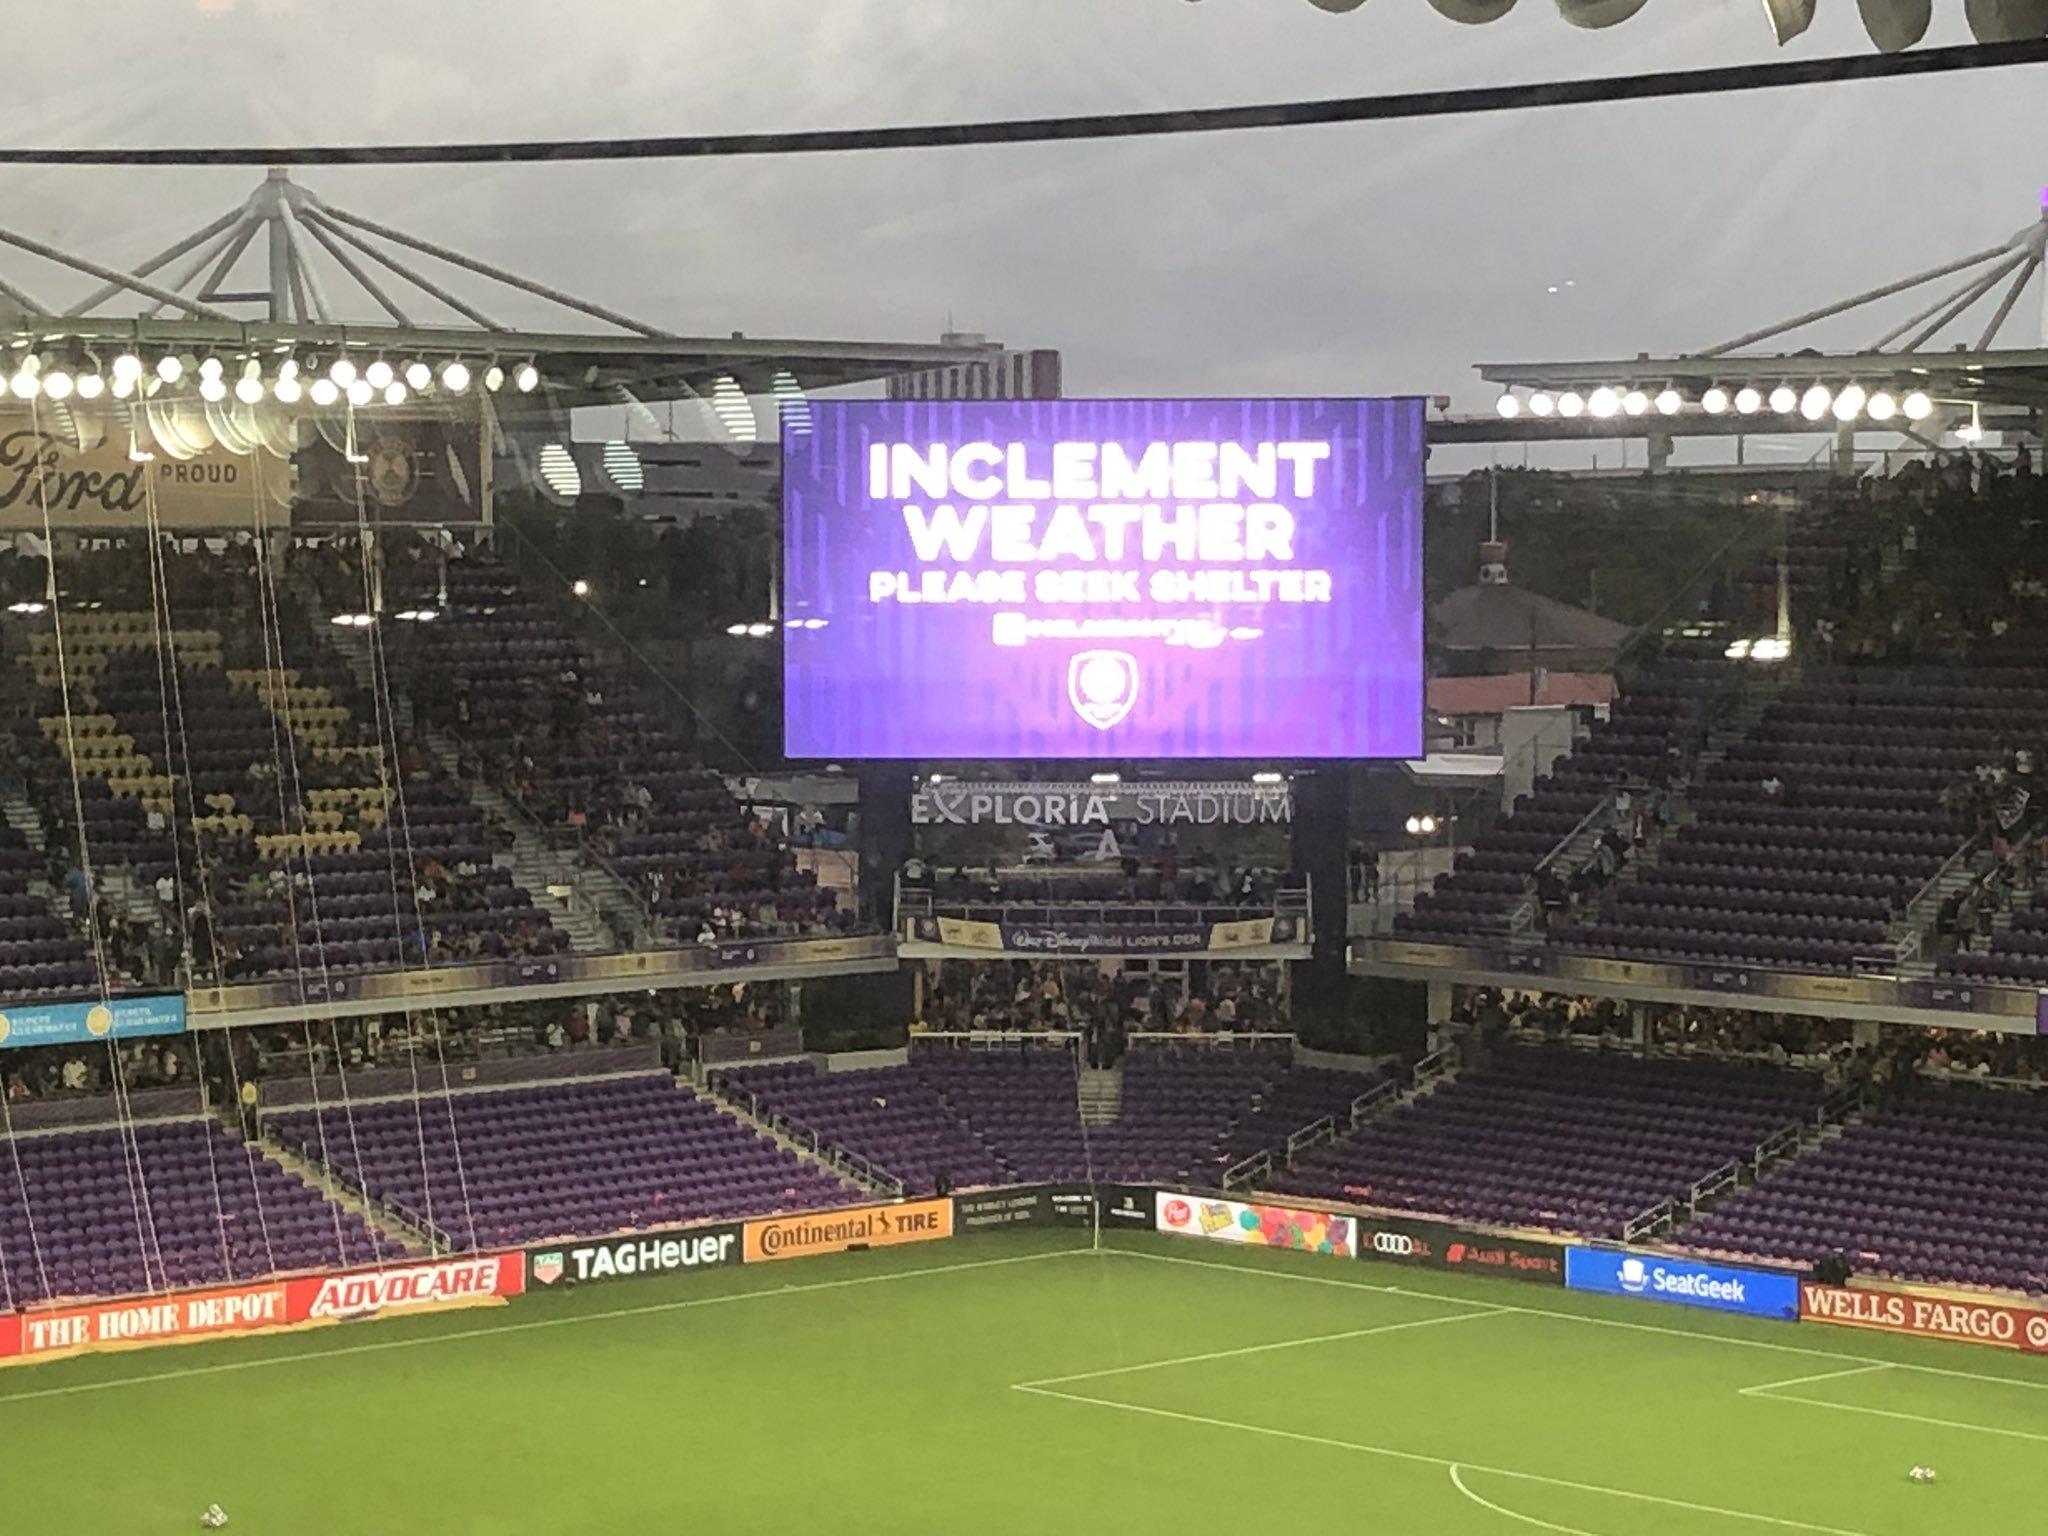 天公又不做美!马竞与MLS全明星的竞赛推延30分钟